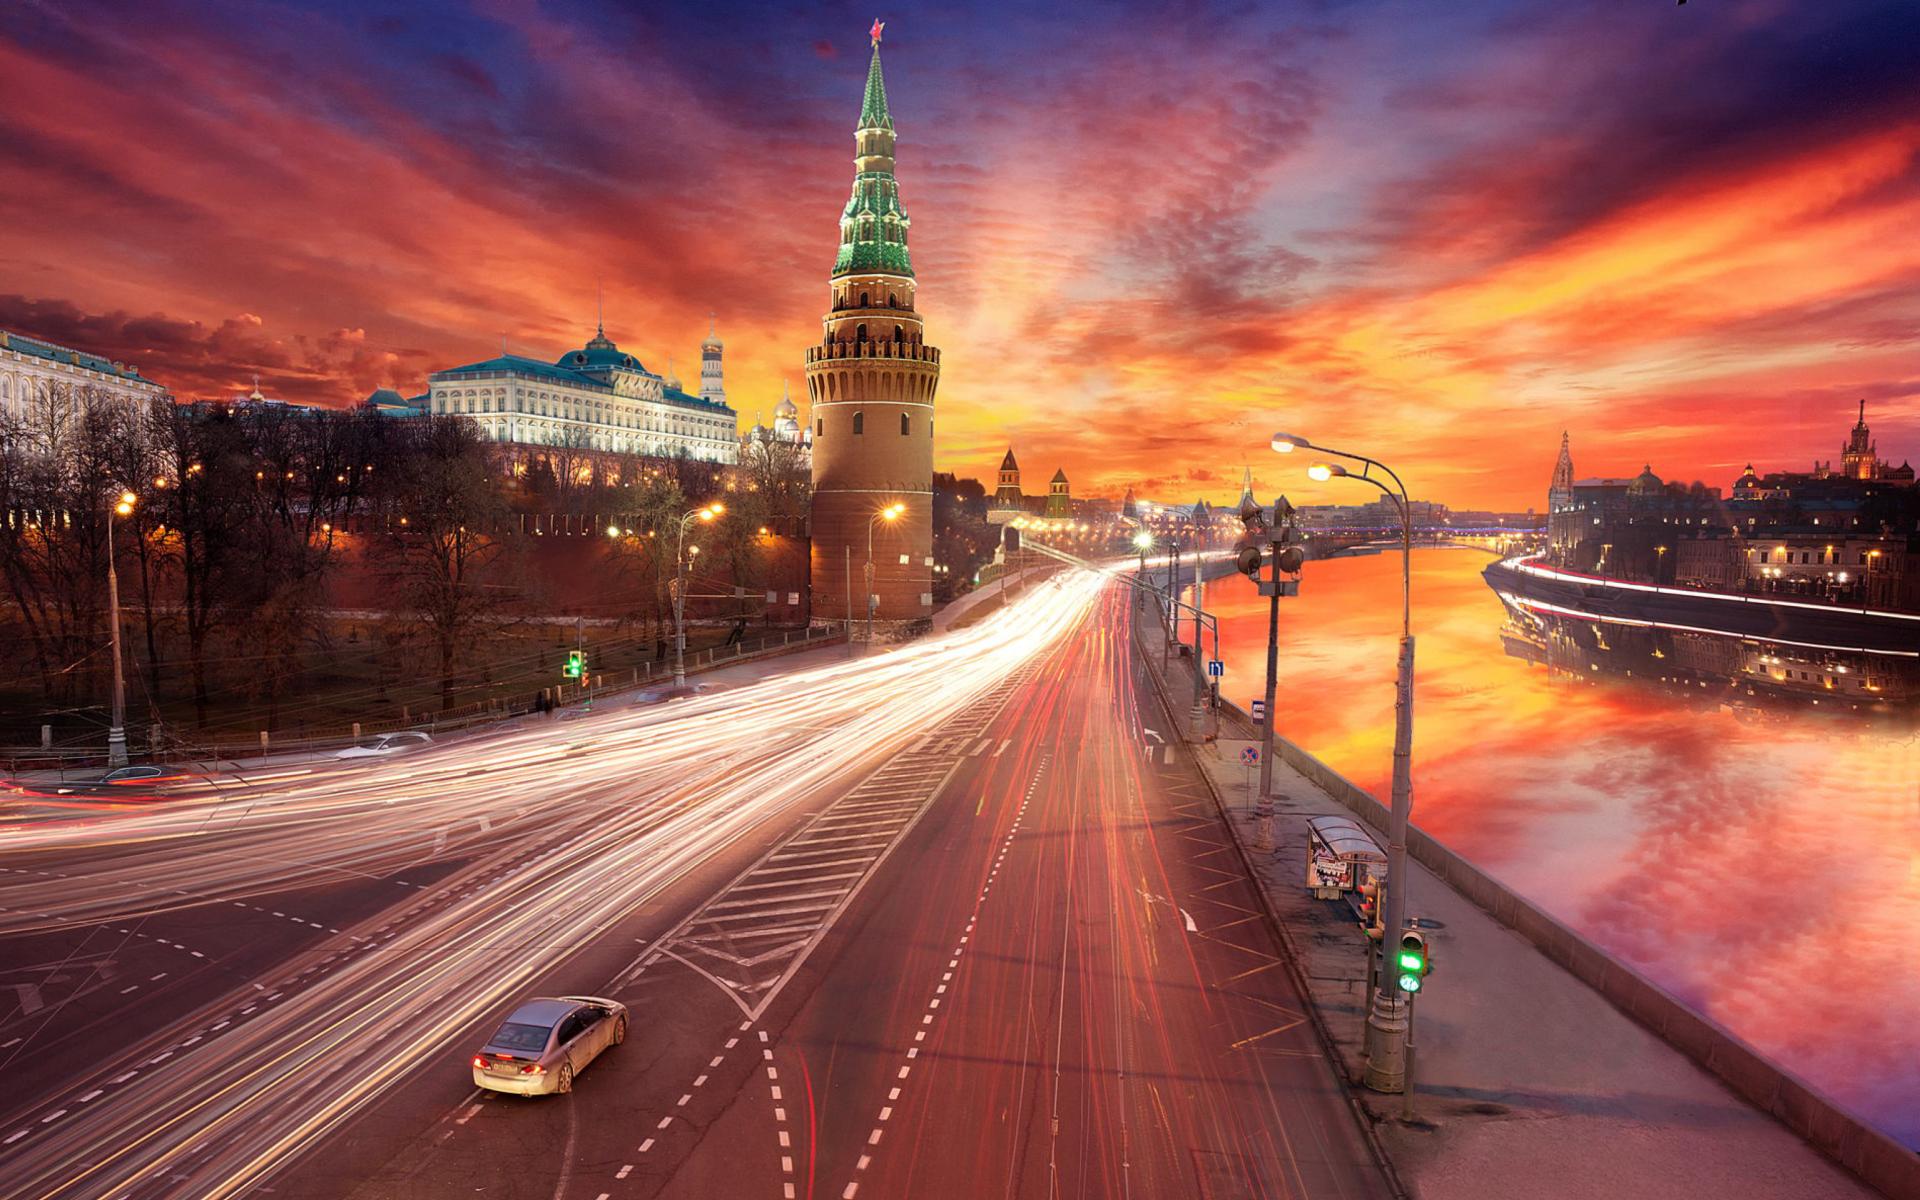 Red Sunset Over Moscow Kremlin para Widescreen Desktop PC 1920x1080 Full HD